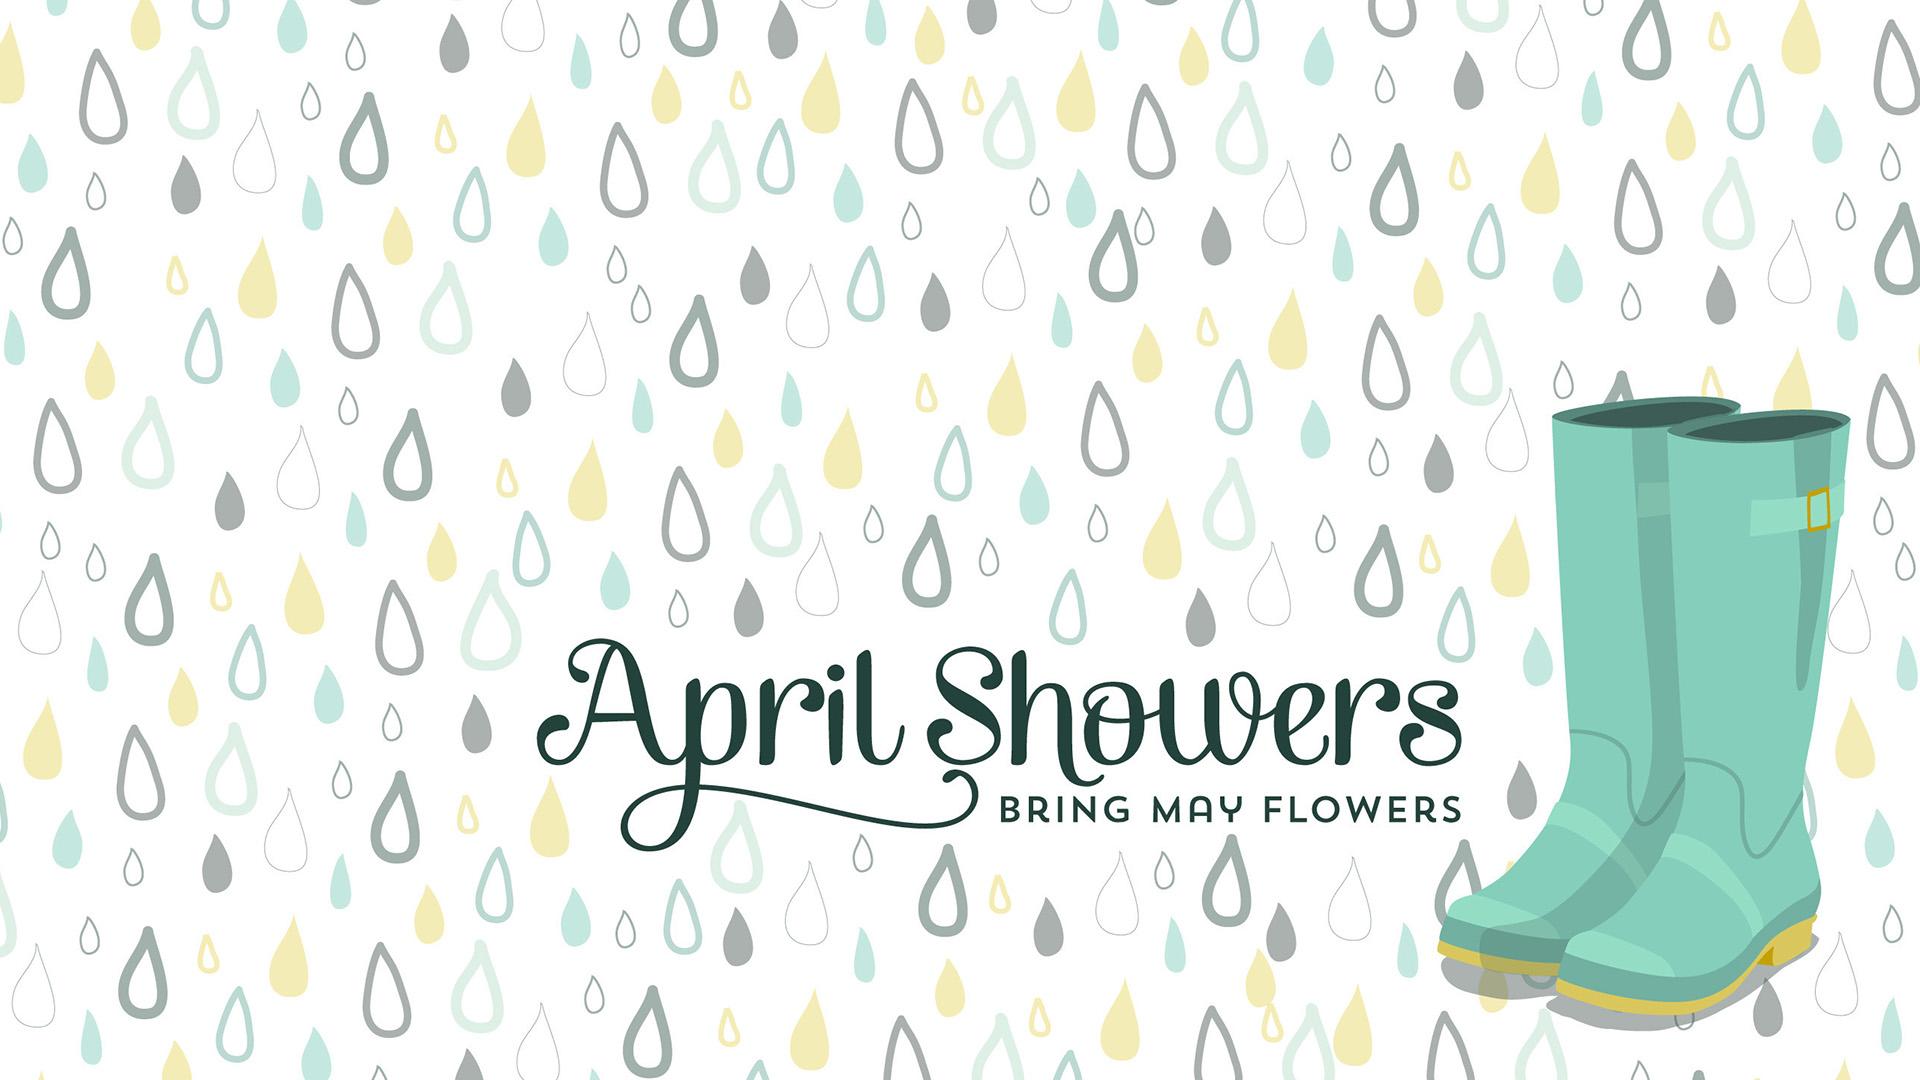 April Showers Image For April 2020 Digital Signage